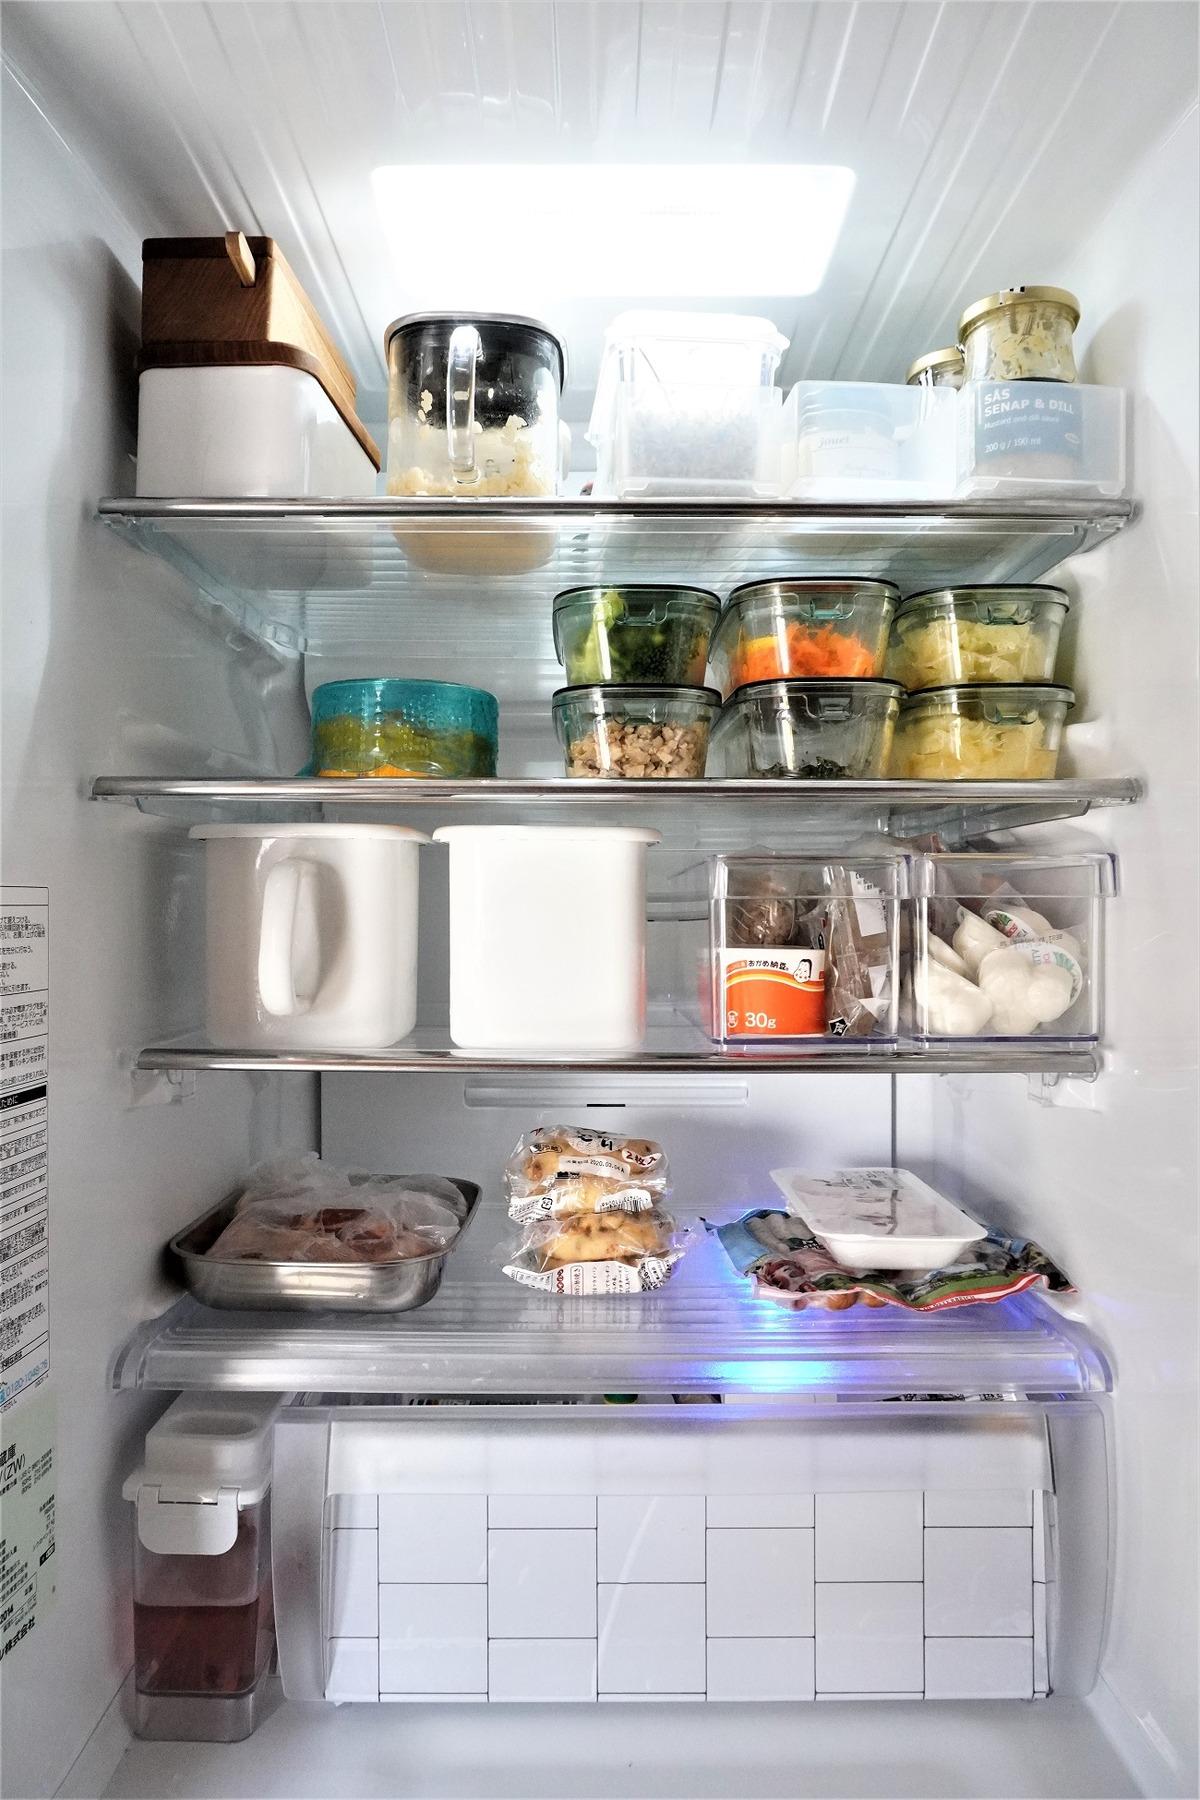 ニトリ冷蔵庫整理トレー12